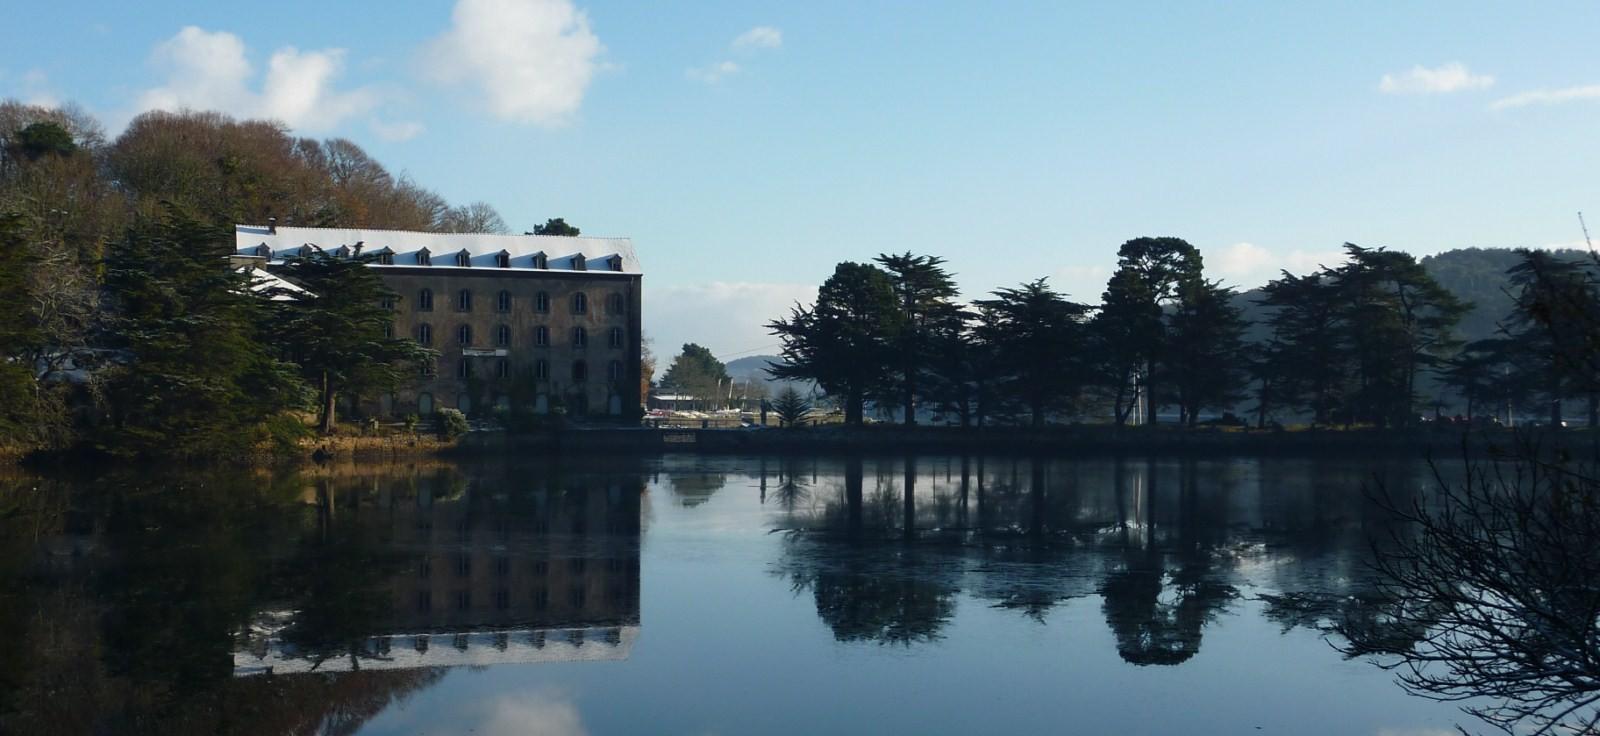 L'hotel de Moulin Mer proche du port se trouve en face de l'eau en Bretagne